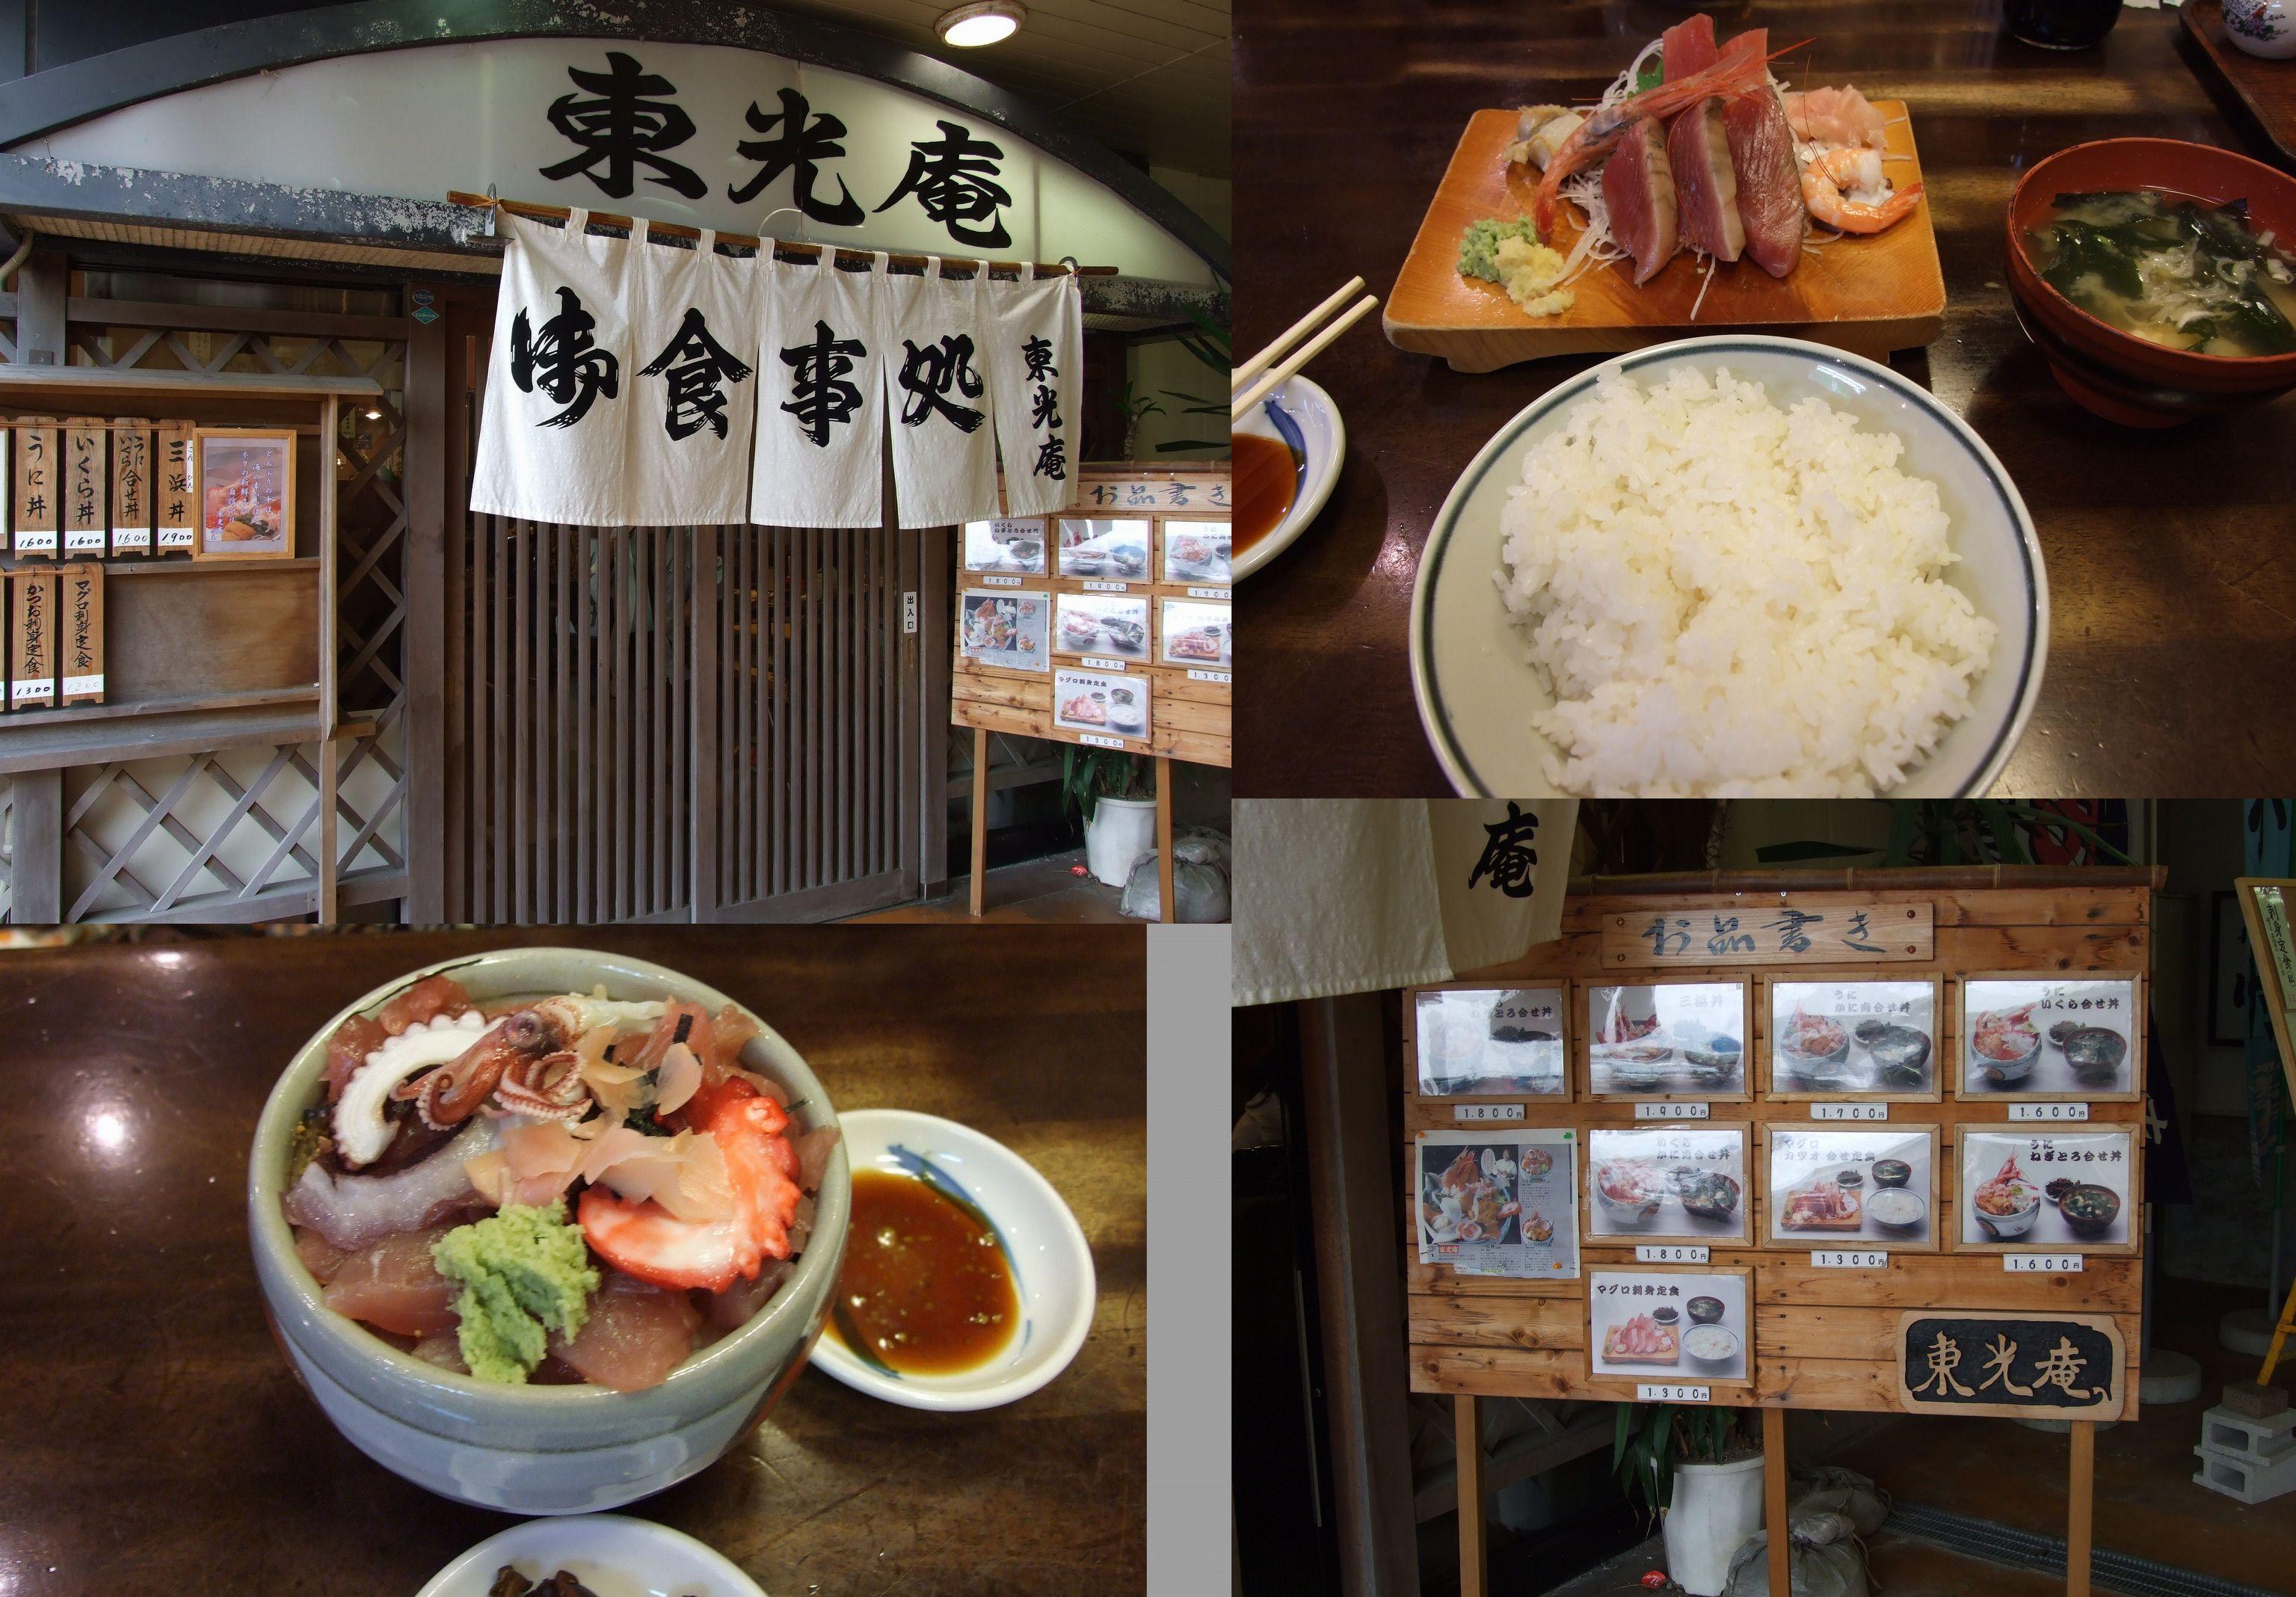 美味い丼&お刺身 東光庵